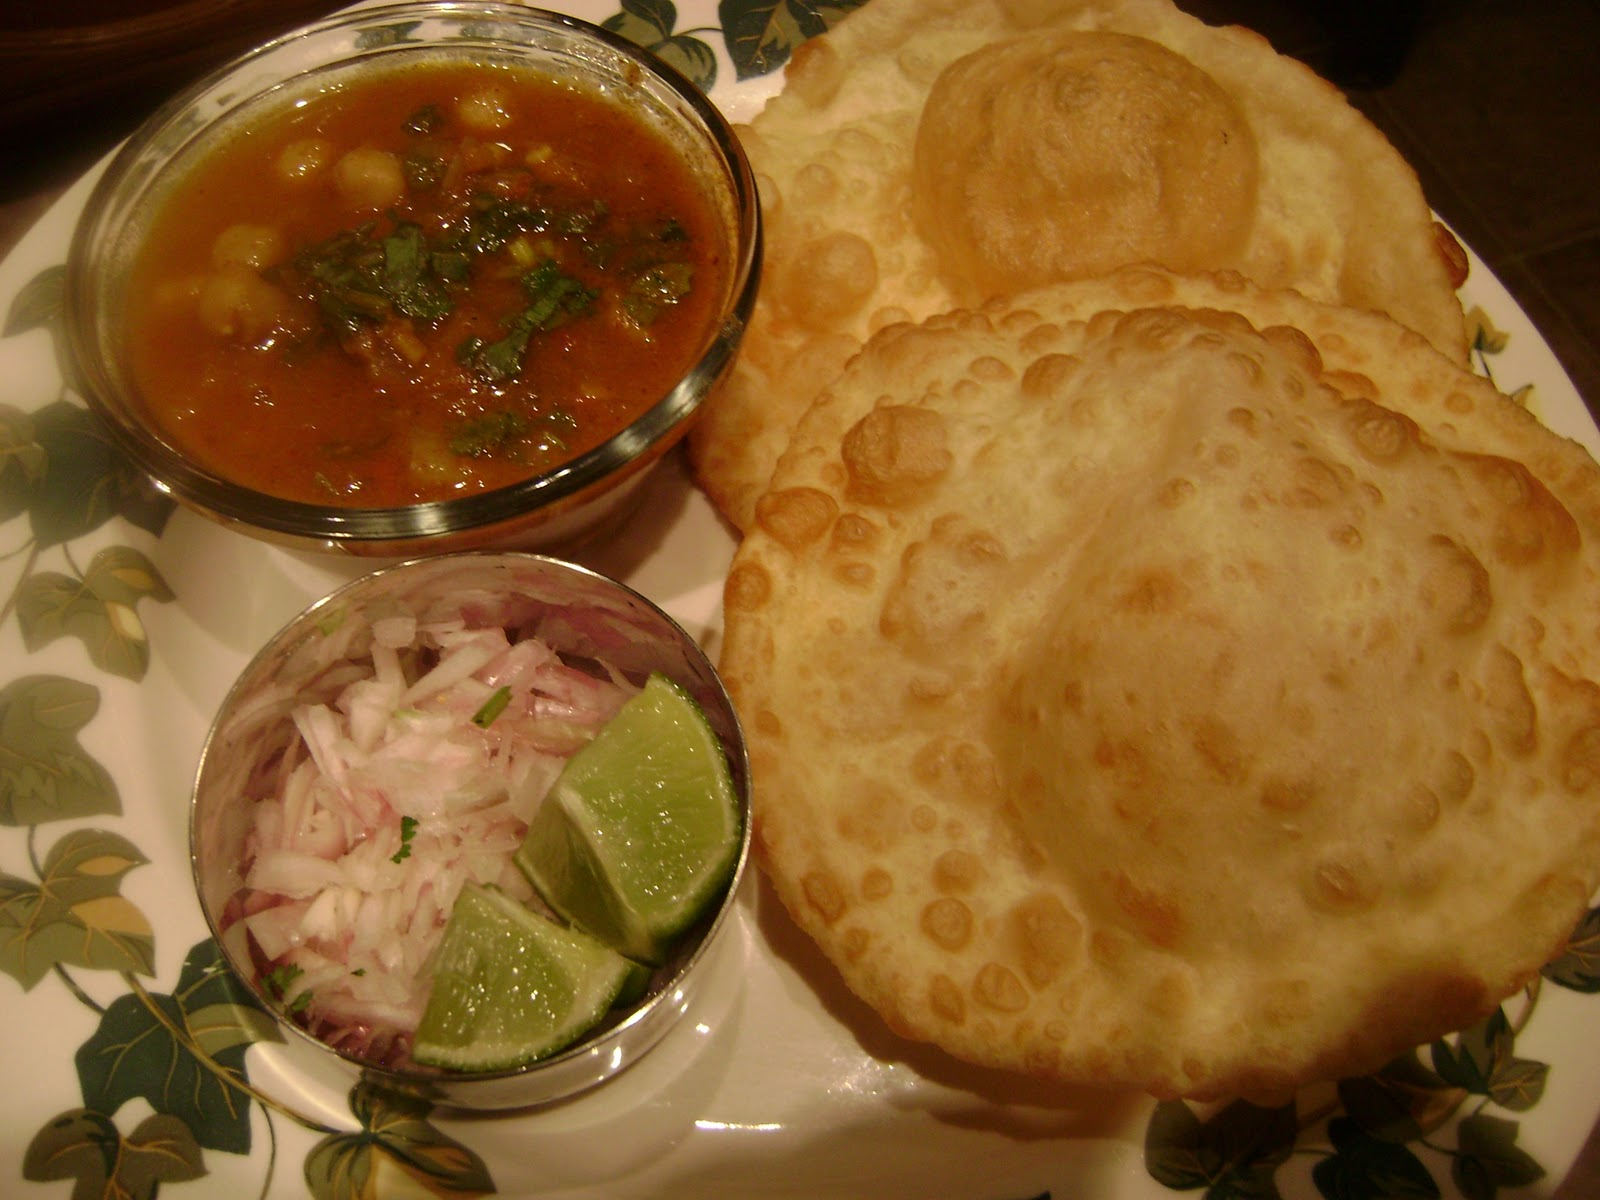 Aks vegetarian recipe world chole bhature chole bhature forumfinder Choice Image